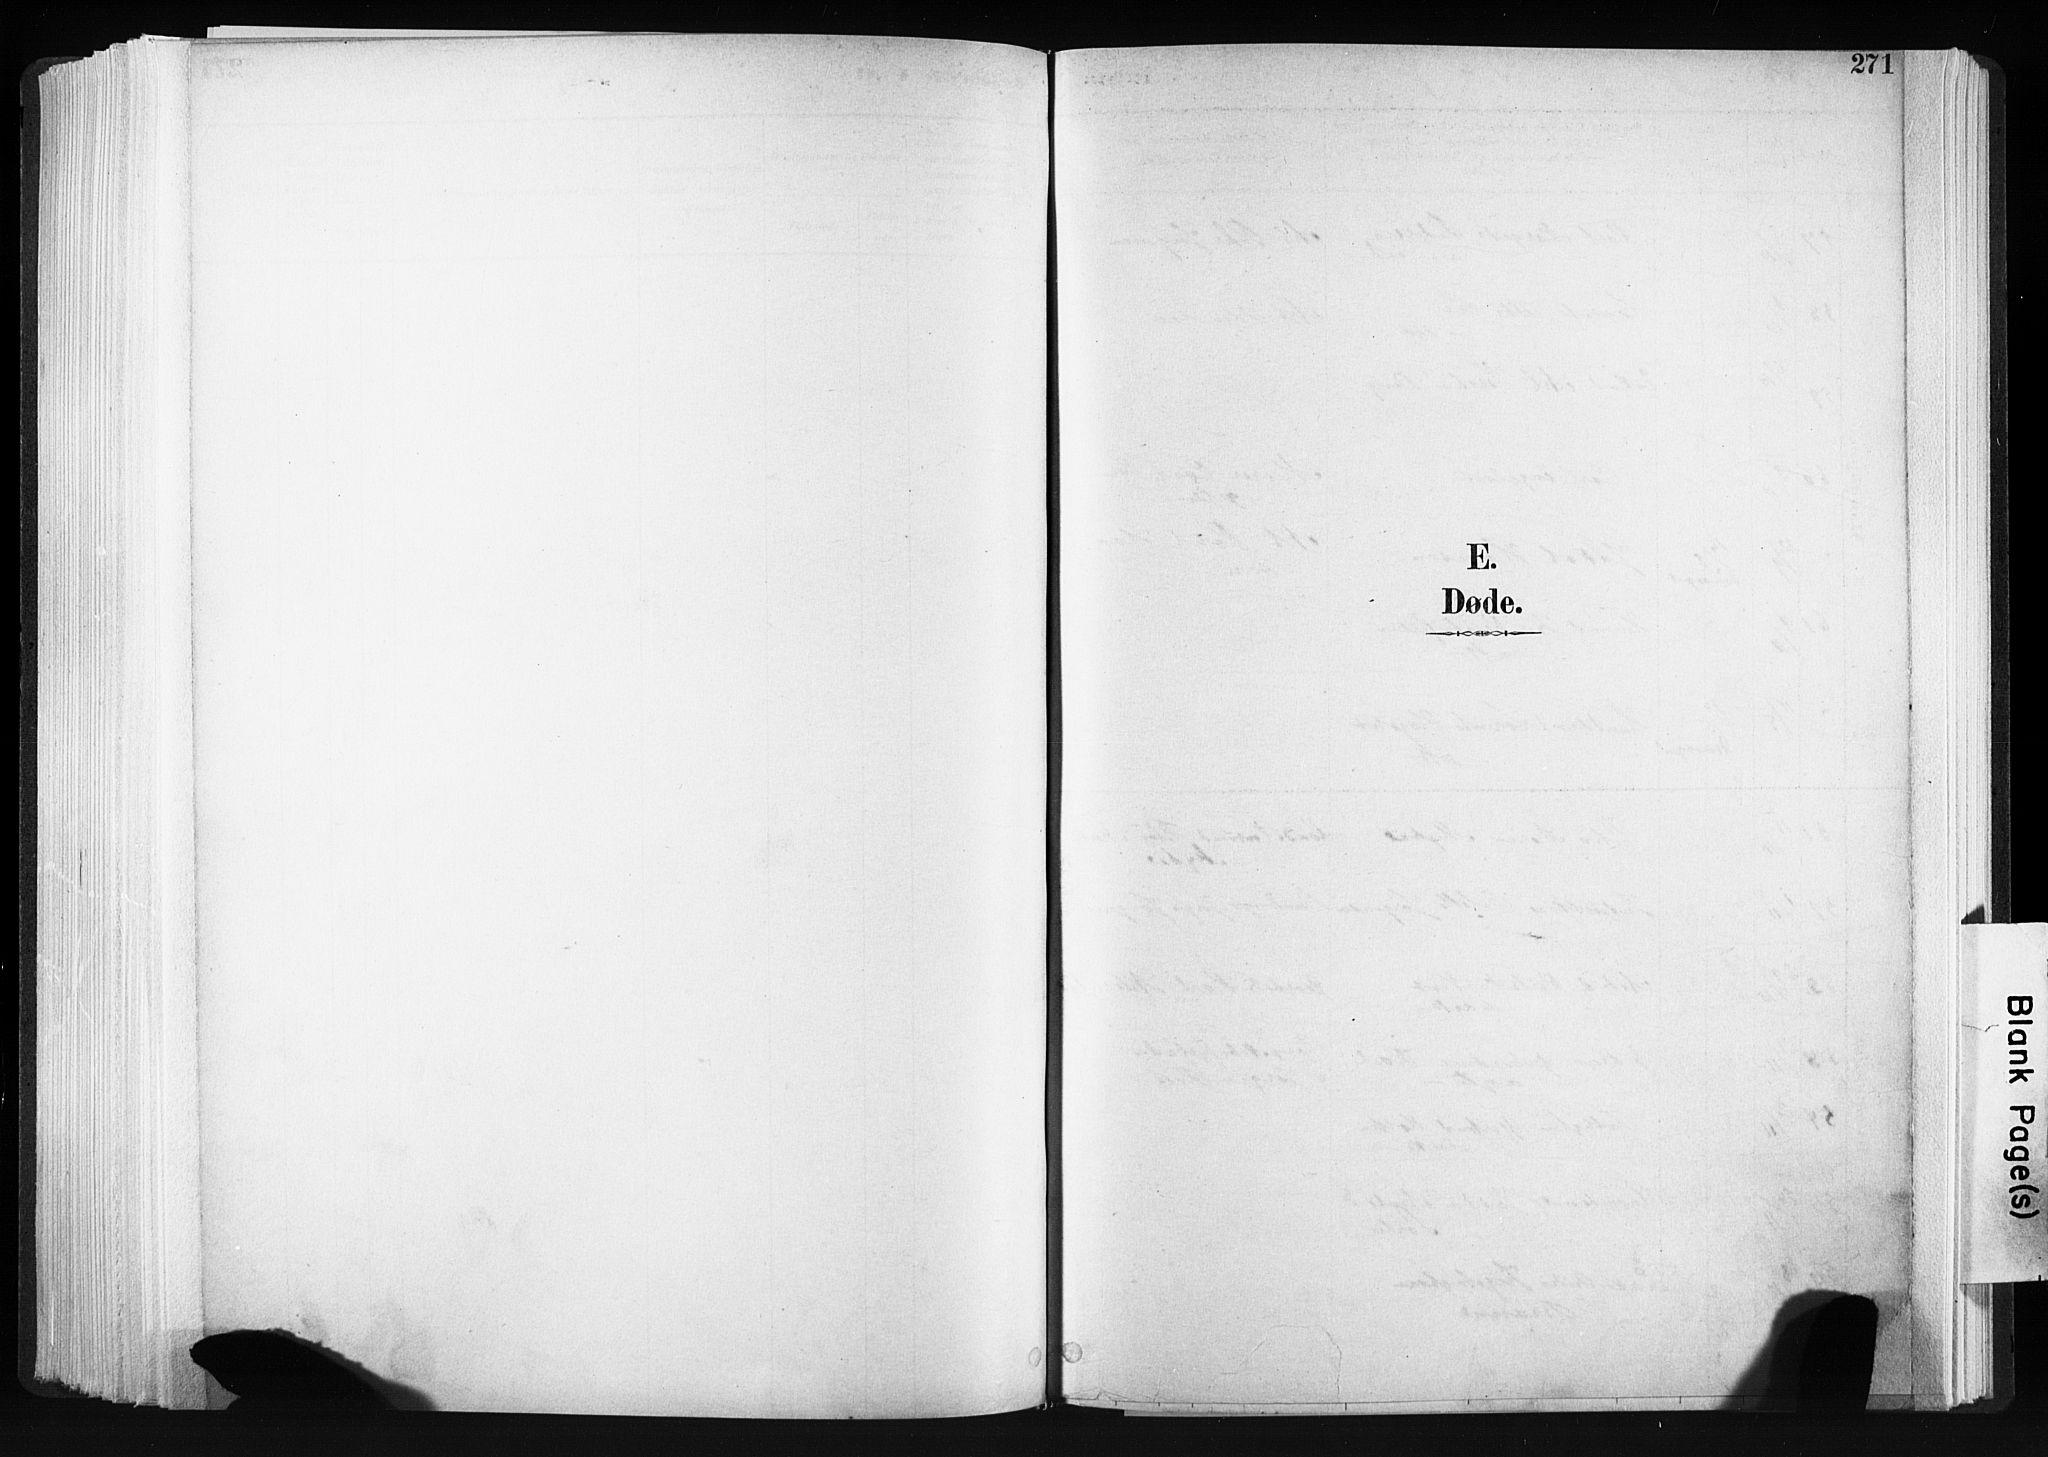 SAT, Ministerialprotokoller, klokkerbøker og fødselsregistre - Sør-Trøndelag, 606/L0300: Ministerialbok nr. 606A15, 1886-1893, s. 271